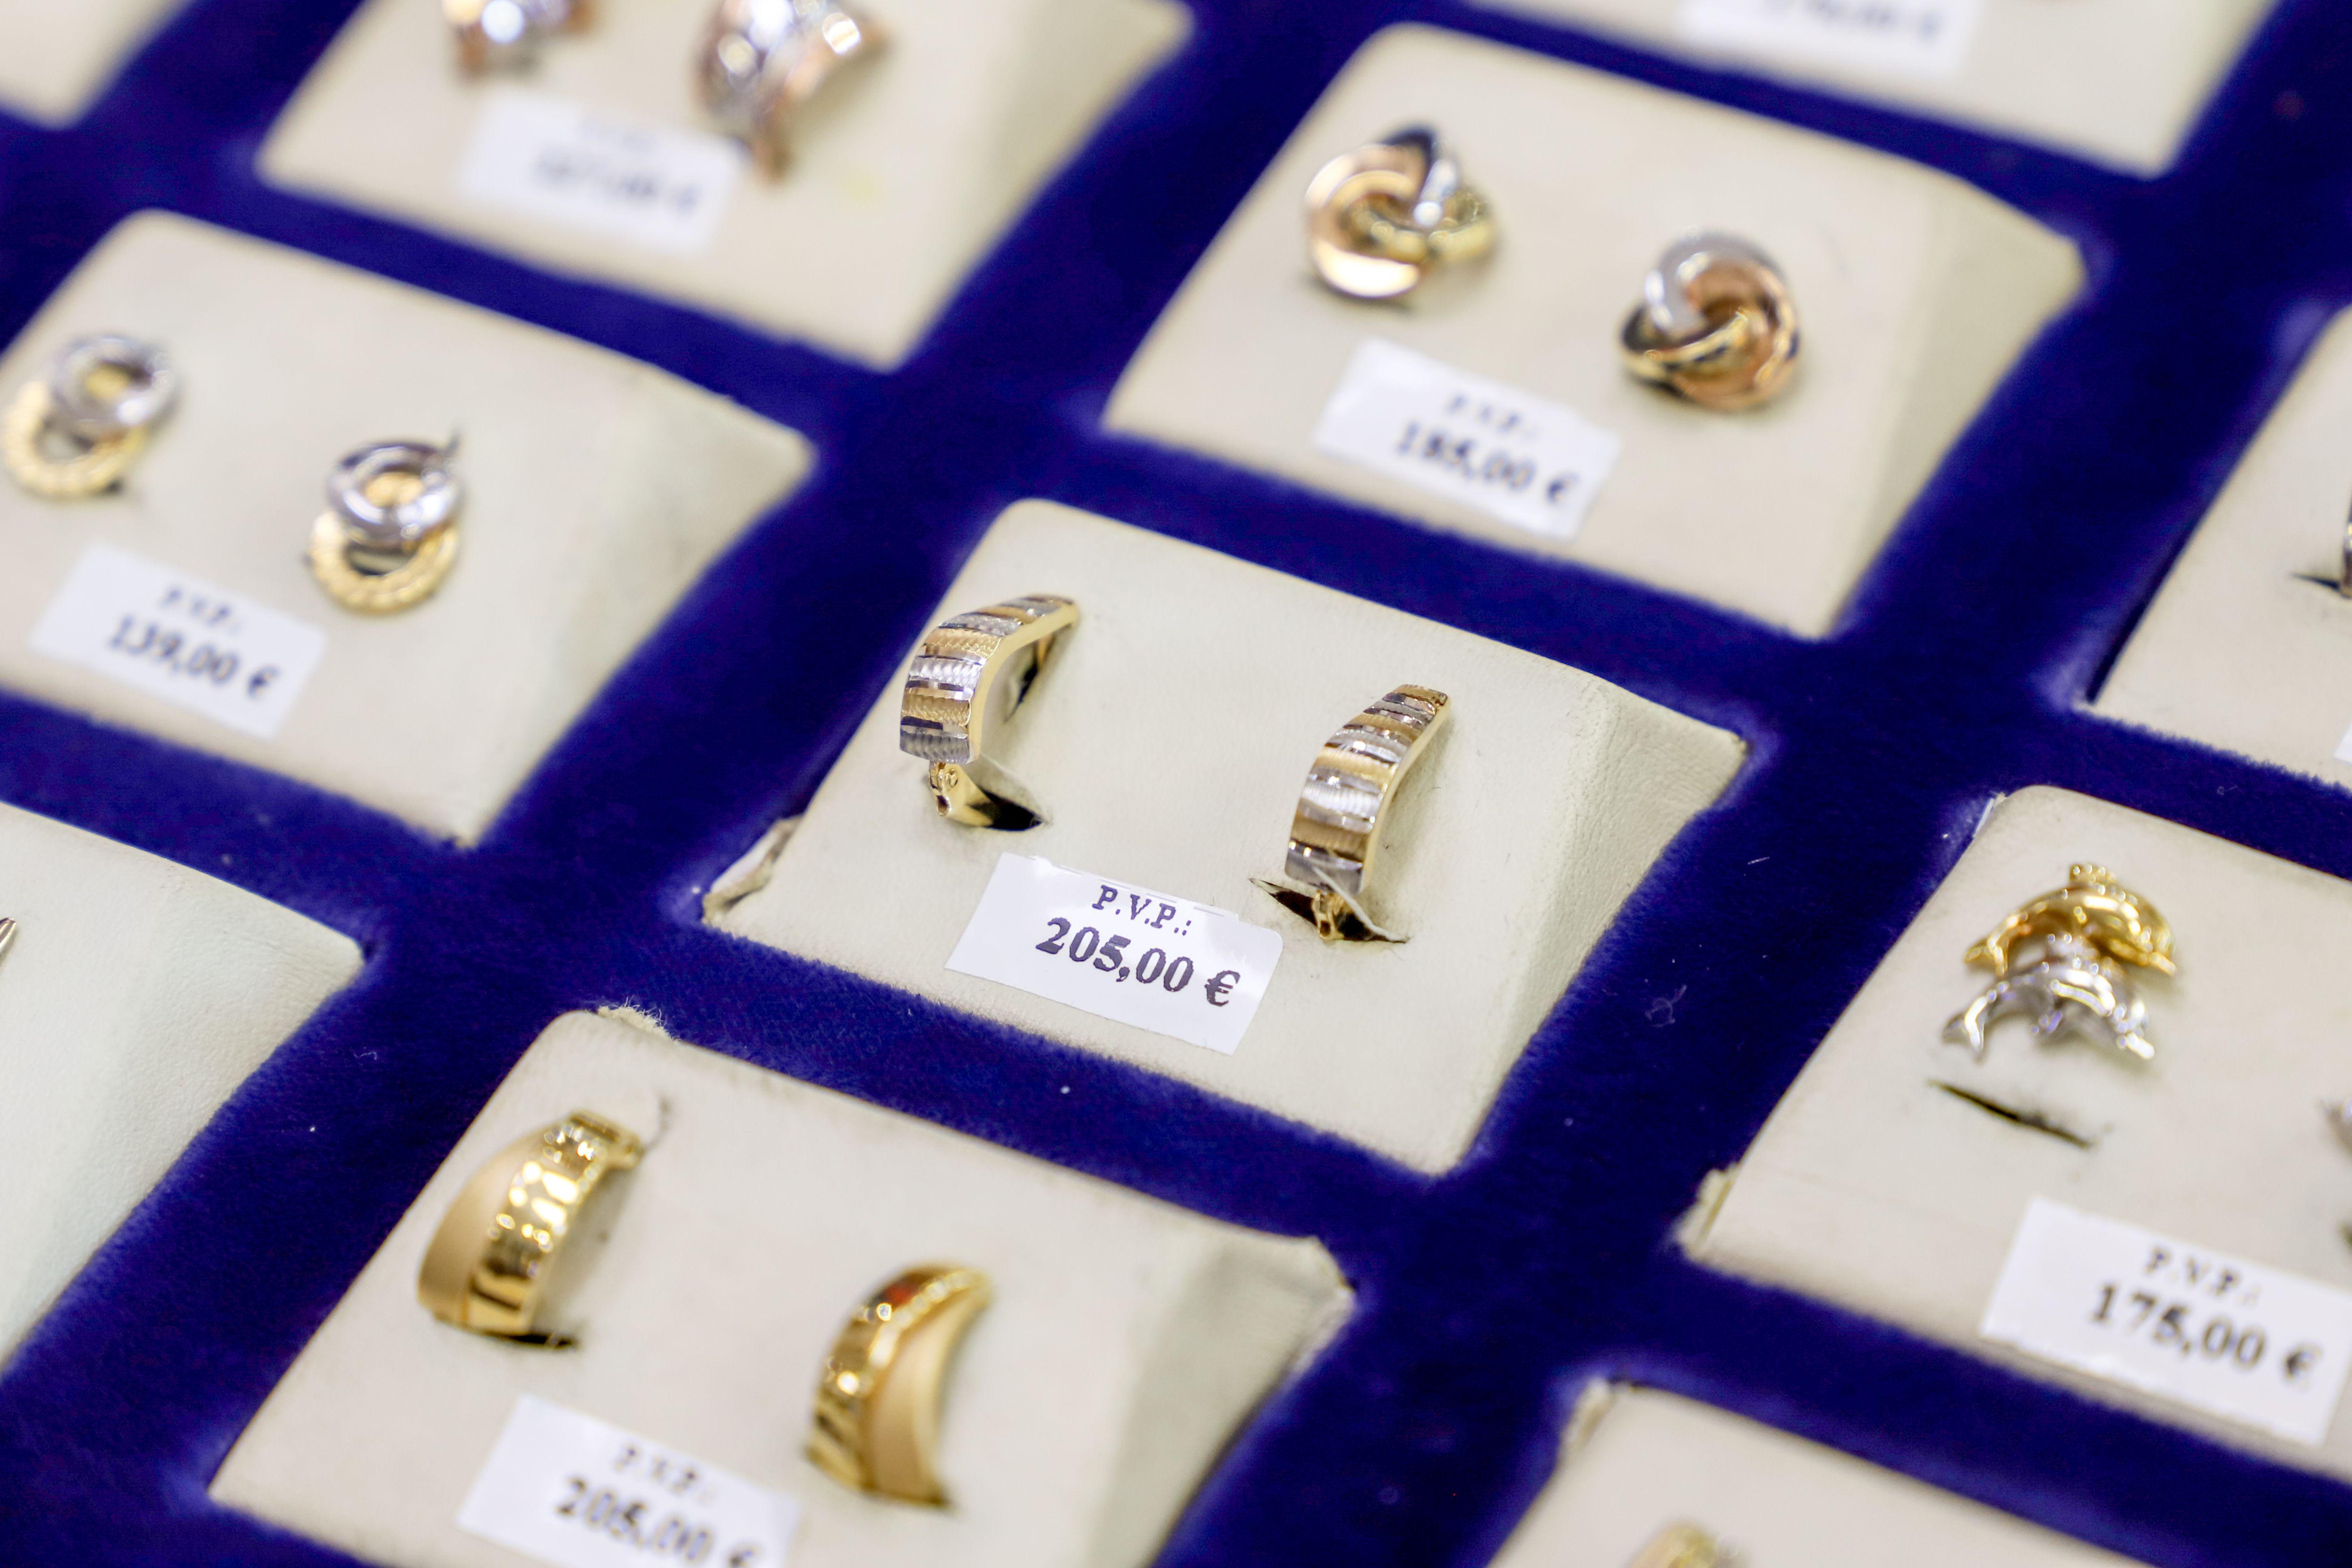 Joyería de oro y plata